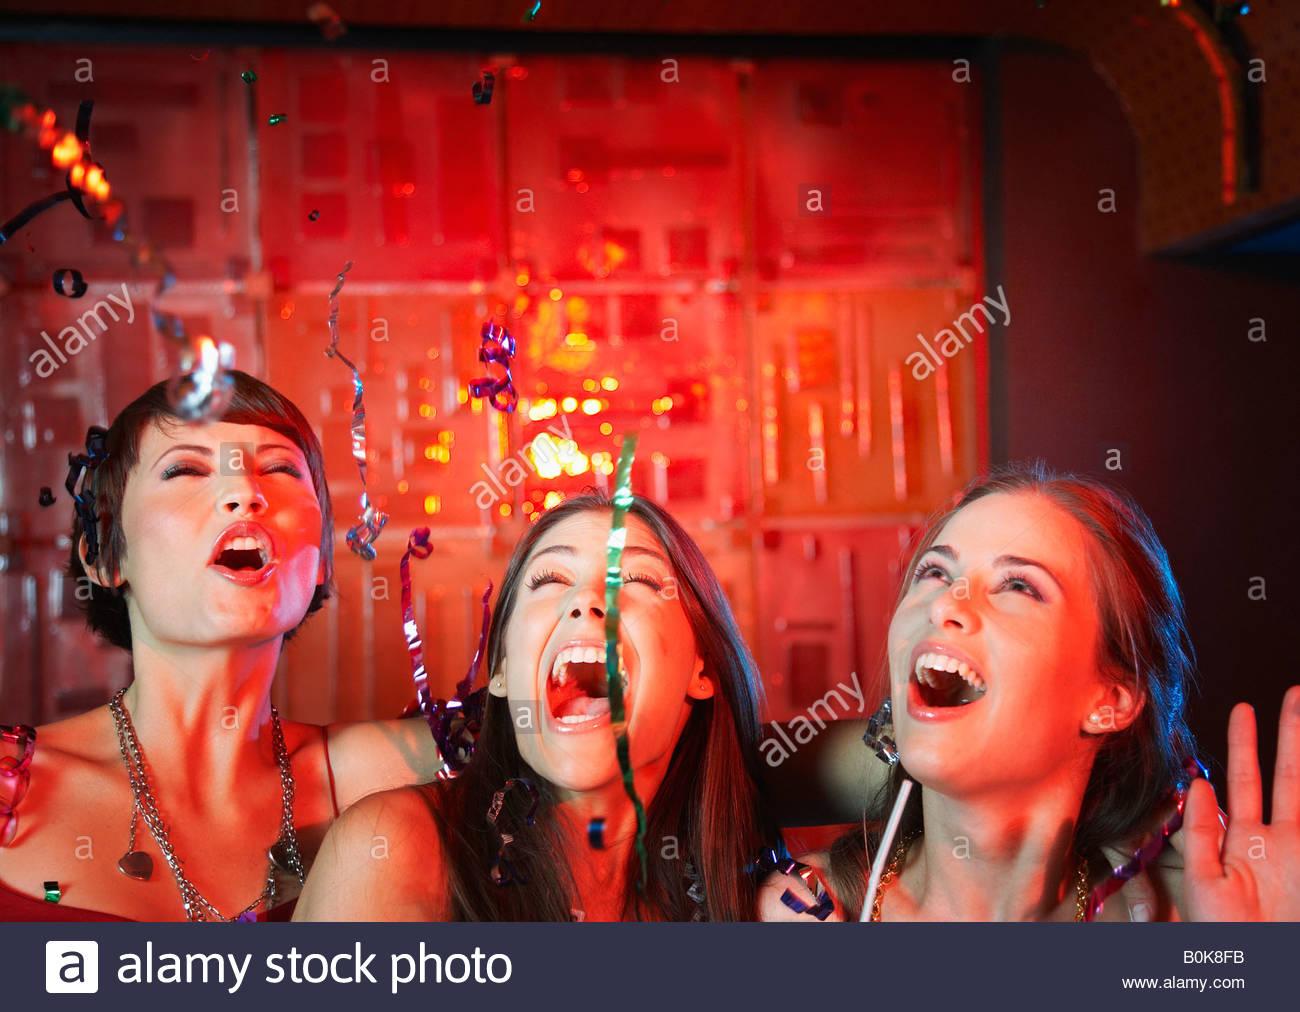 Trois femmes dans une discothèque de boire et de rire Photo Stock